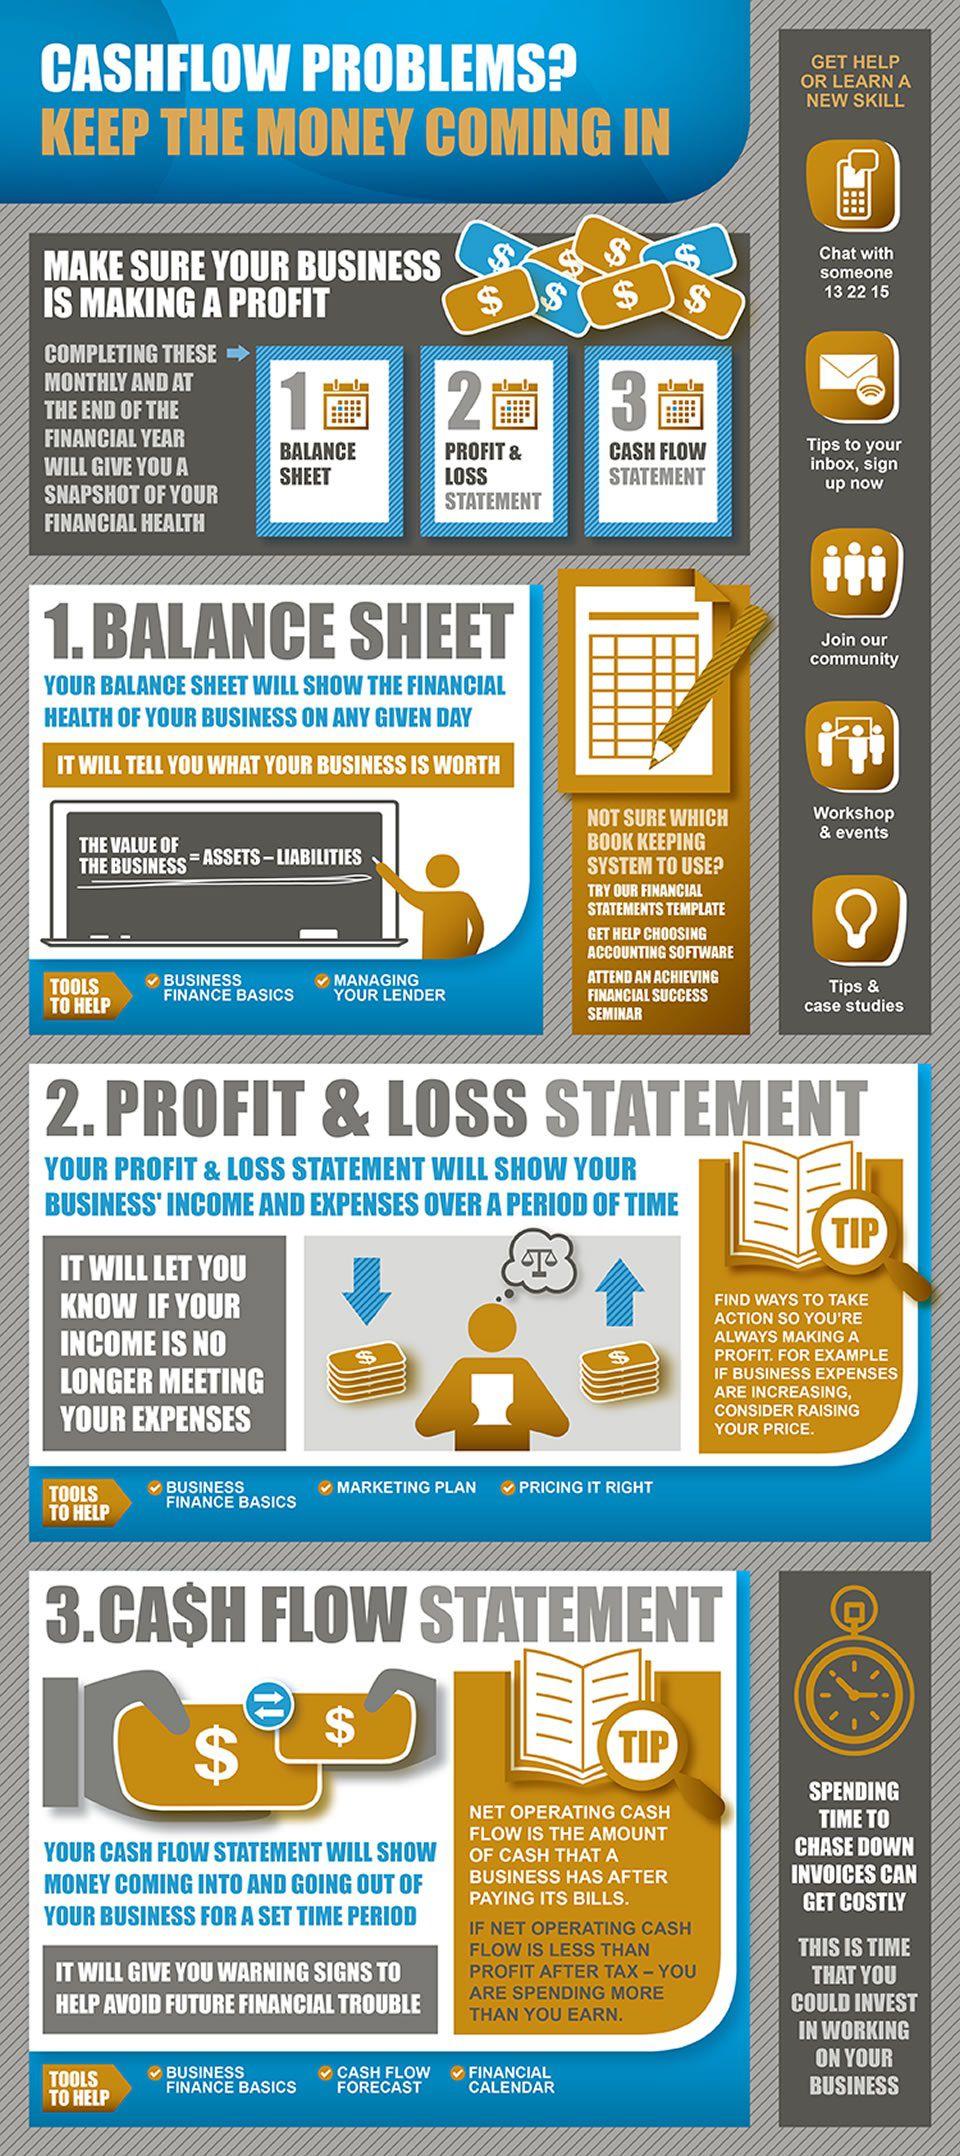 002 Unique Statement Of Cash Flow Template Australia Image Full